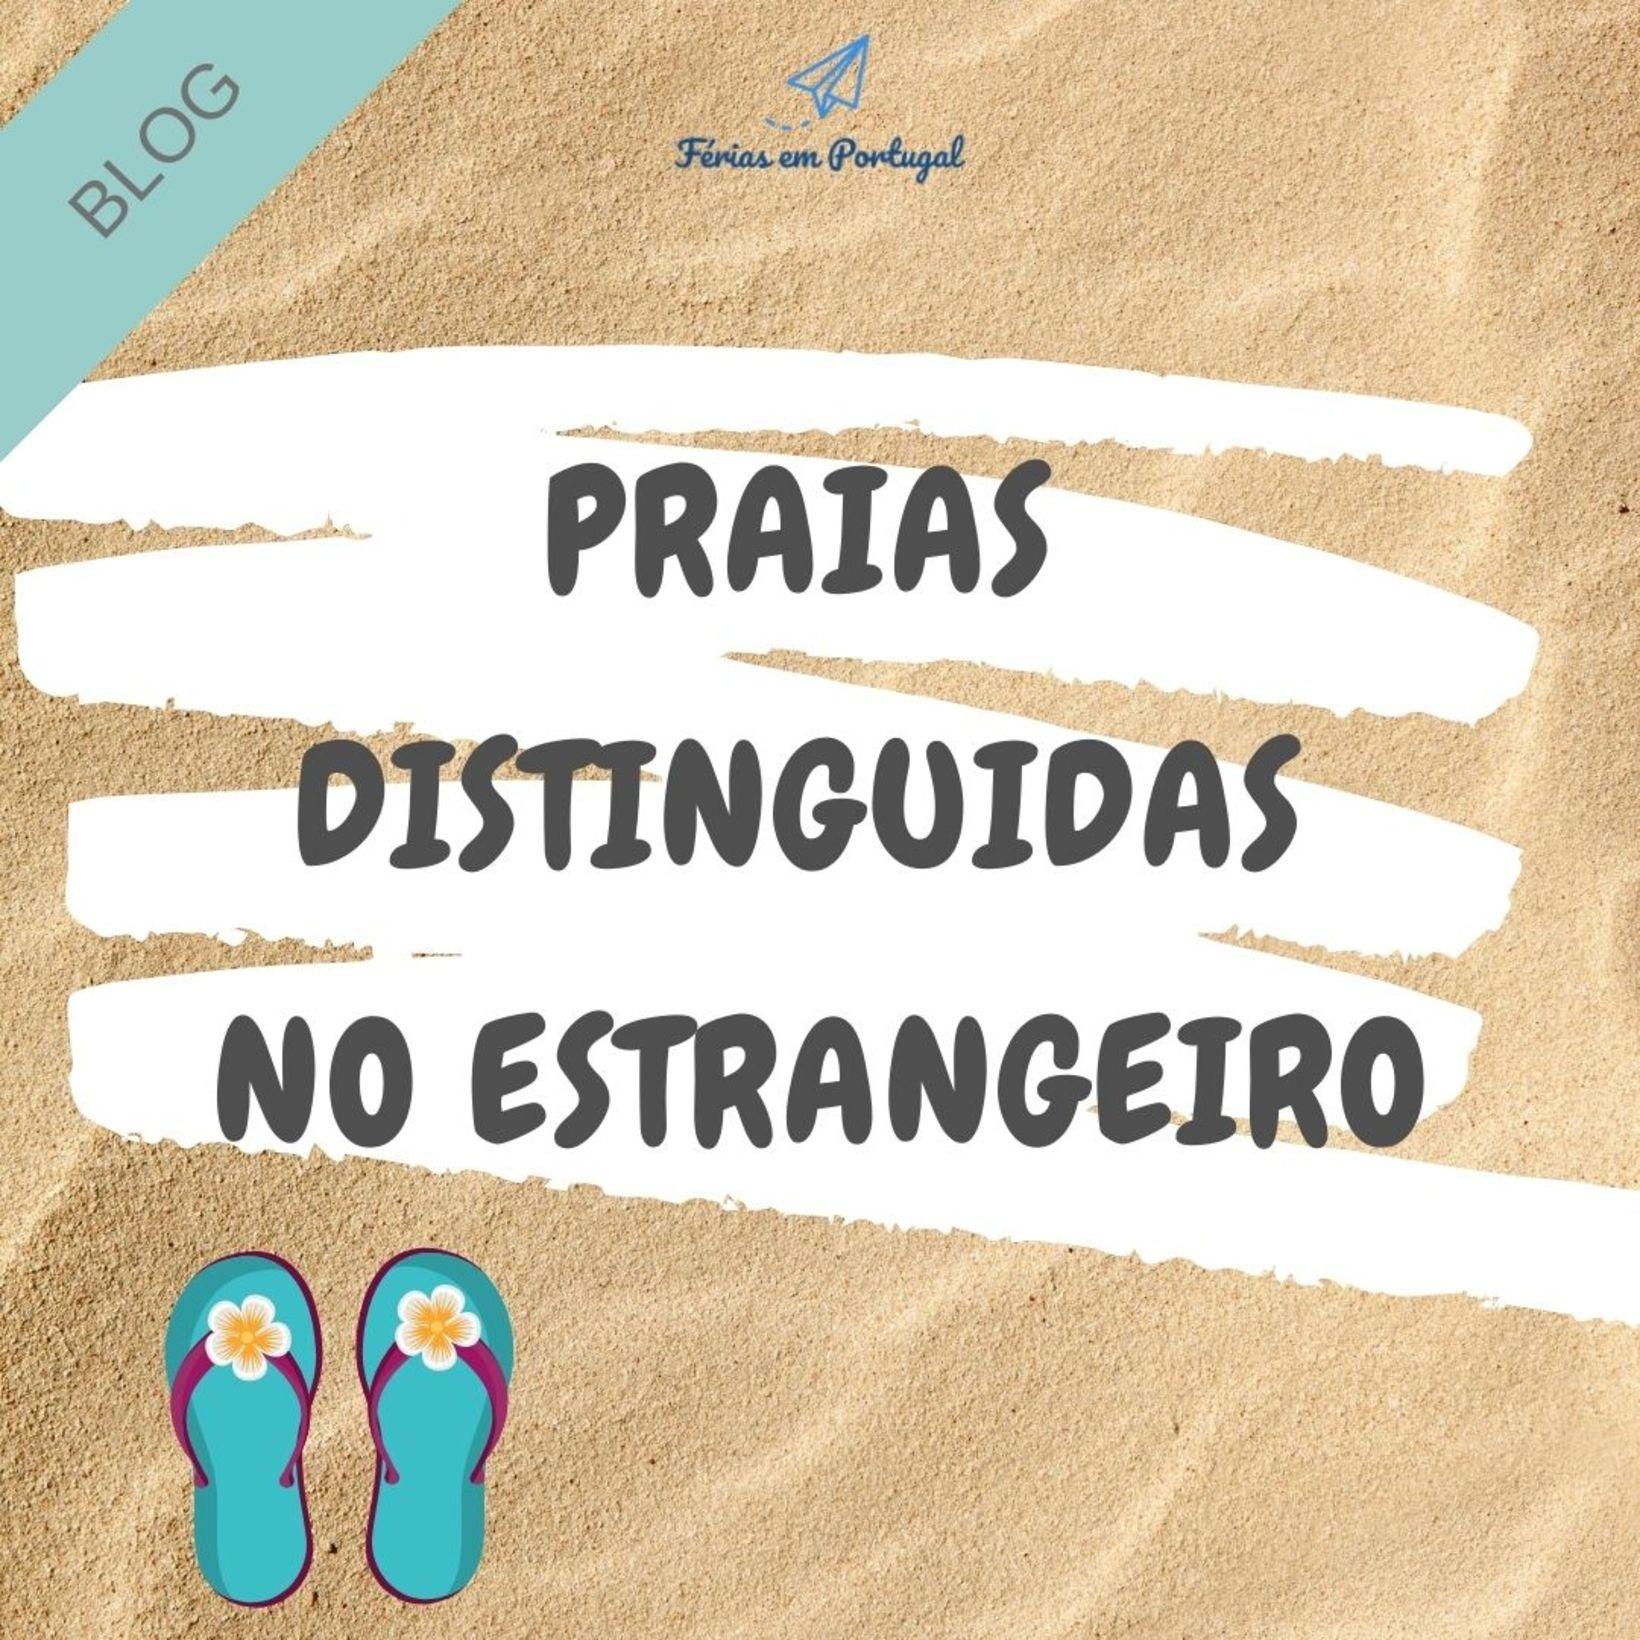 5 distinções internacionais das praias portuguesas mais seguras